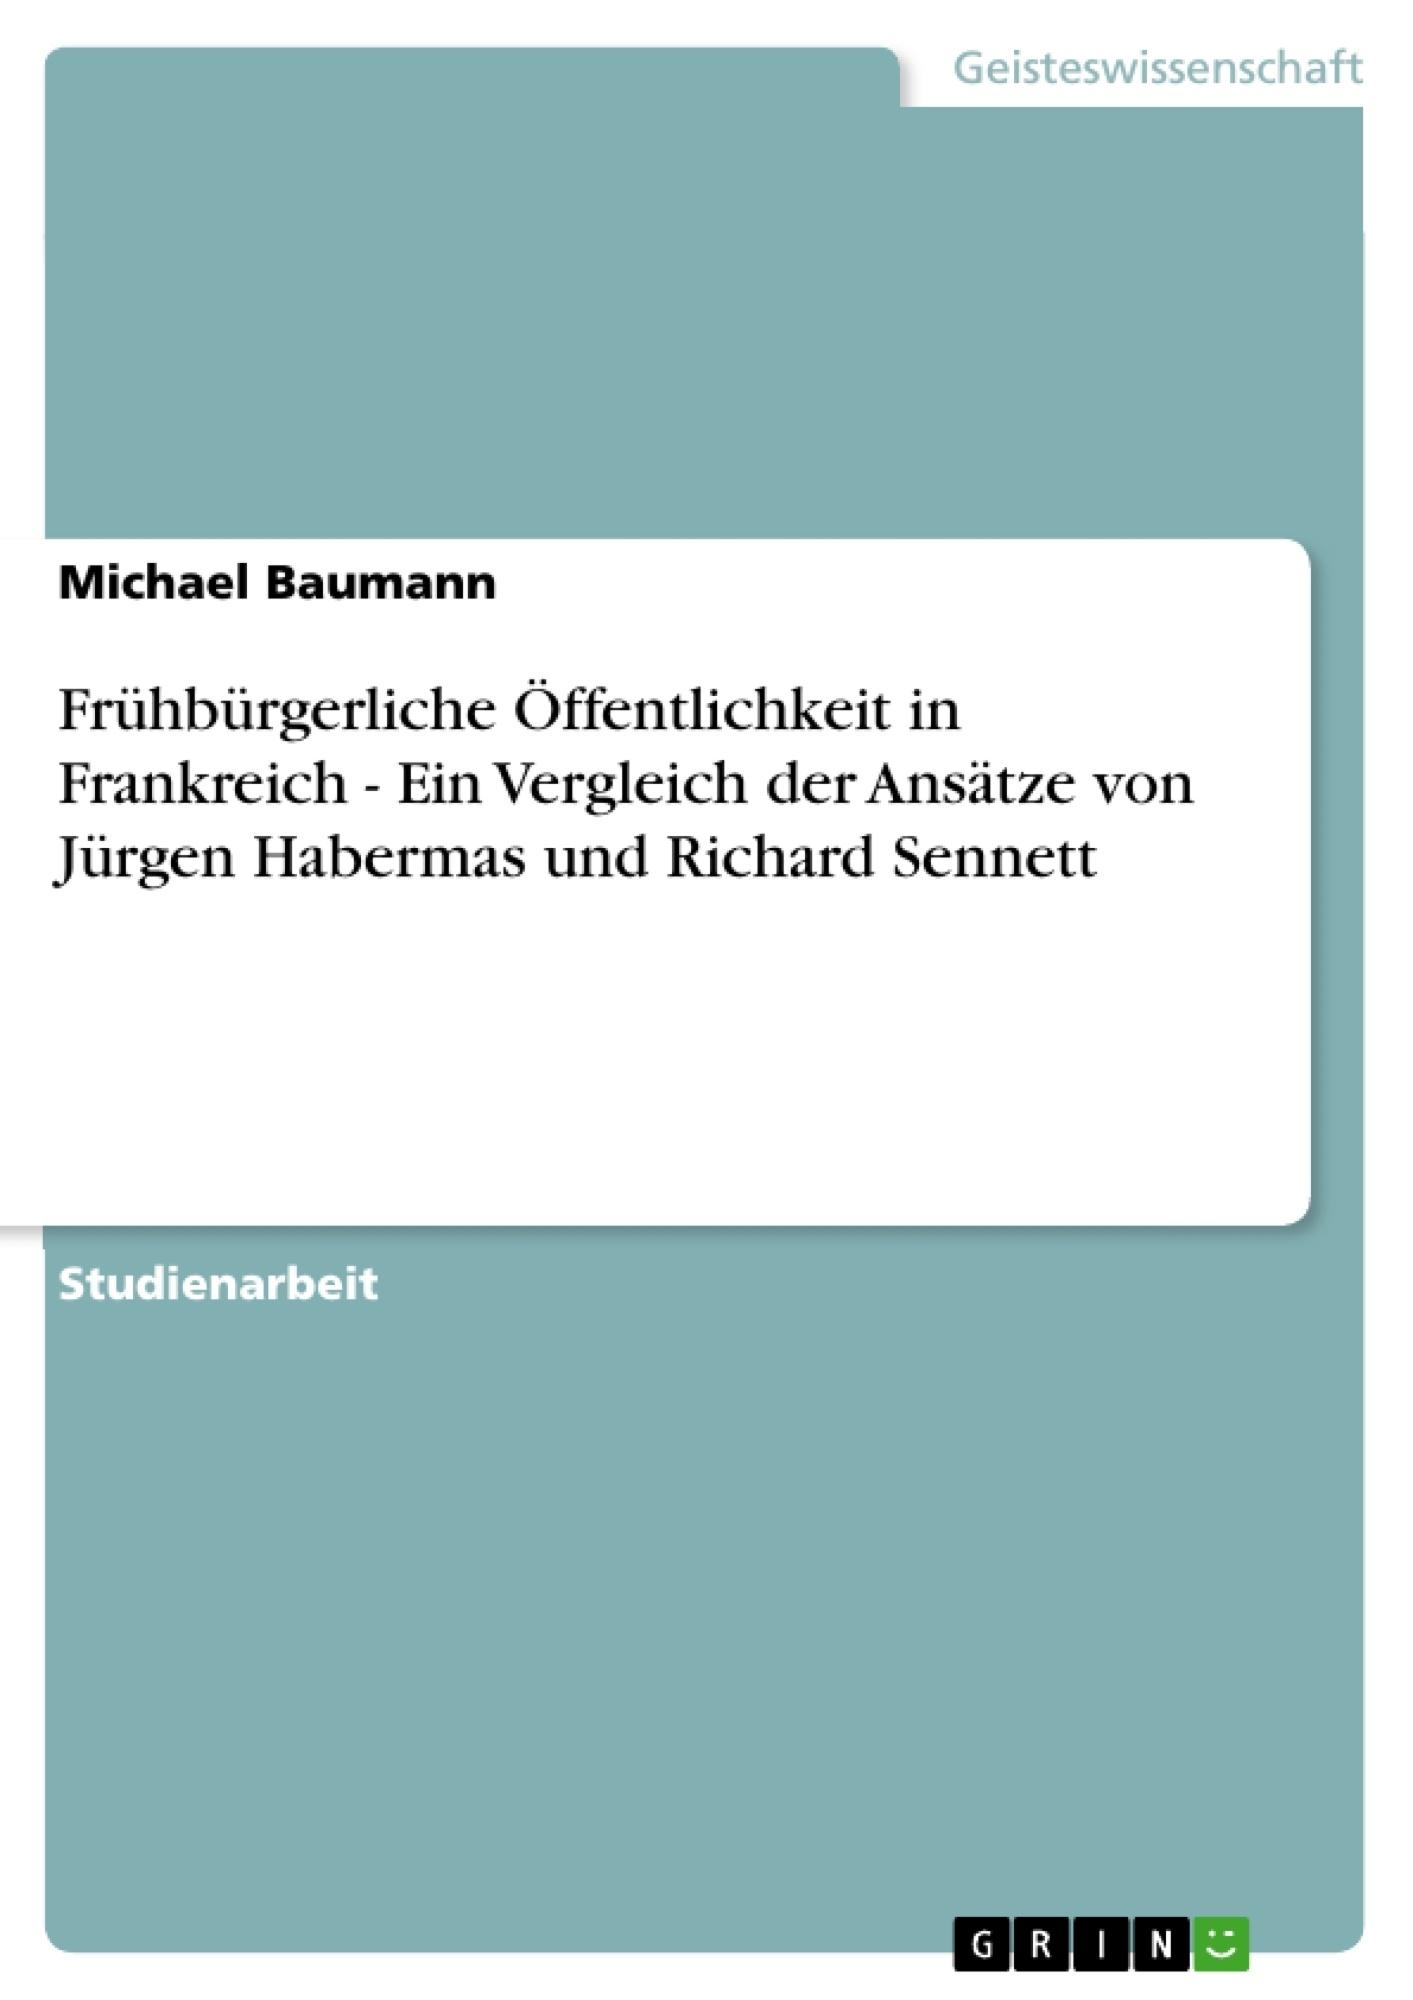 Titel: Frühbürgerliche Öffentlichkeit in Frankreich - Ein Vergleich der Ansätze von Jürgen Habermas und Richard Sennett